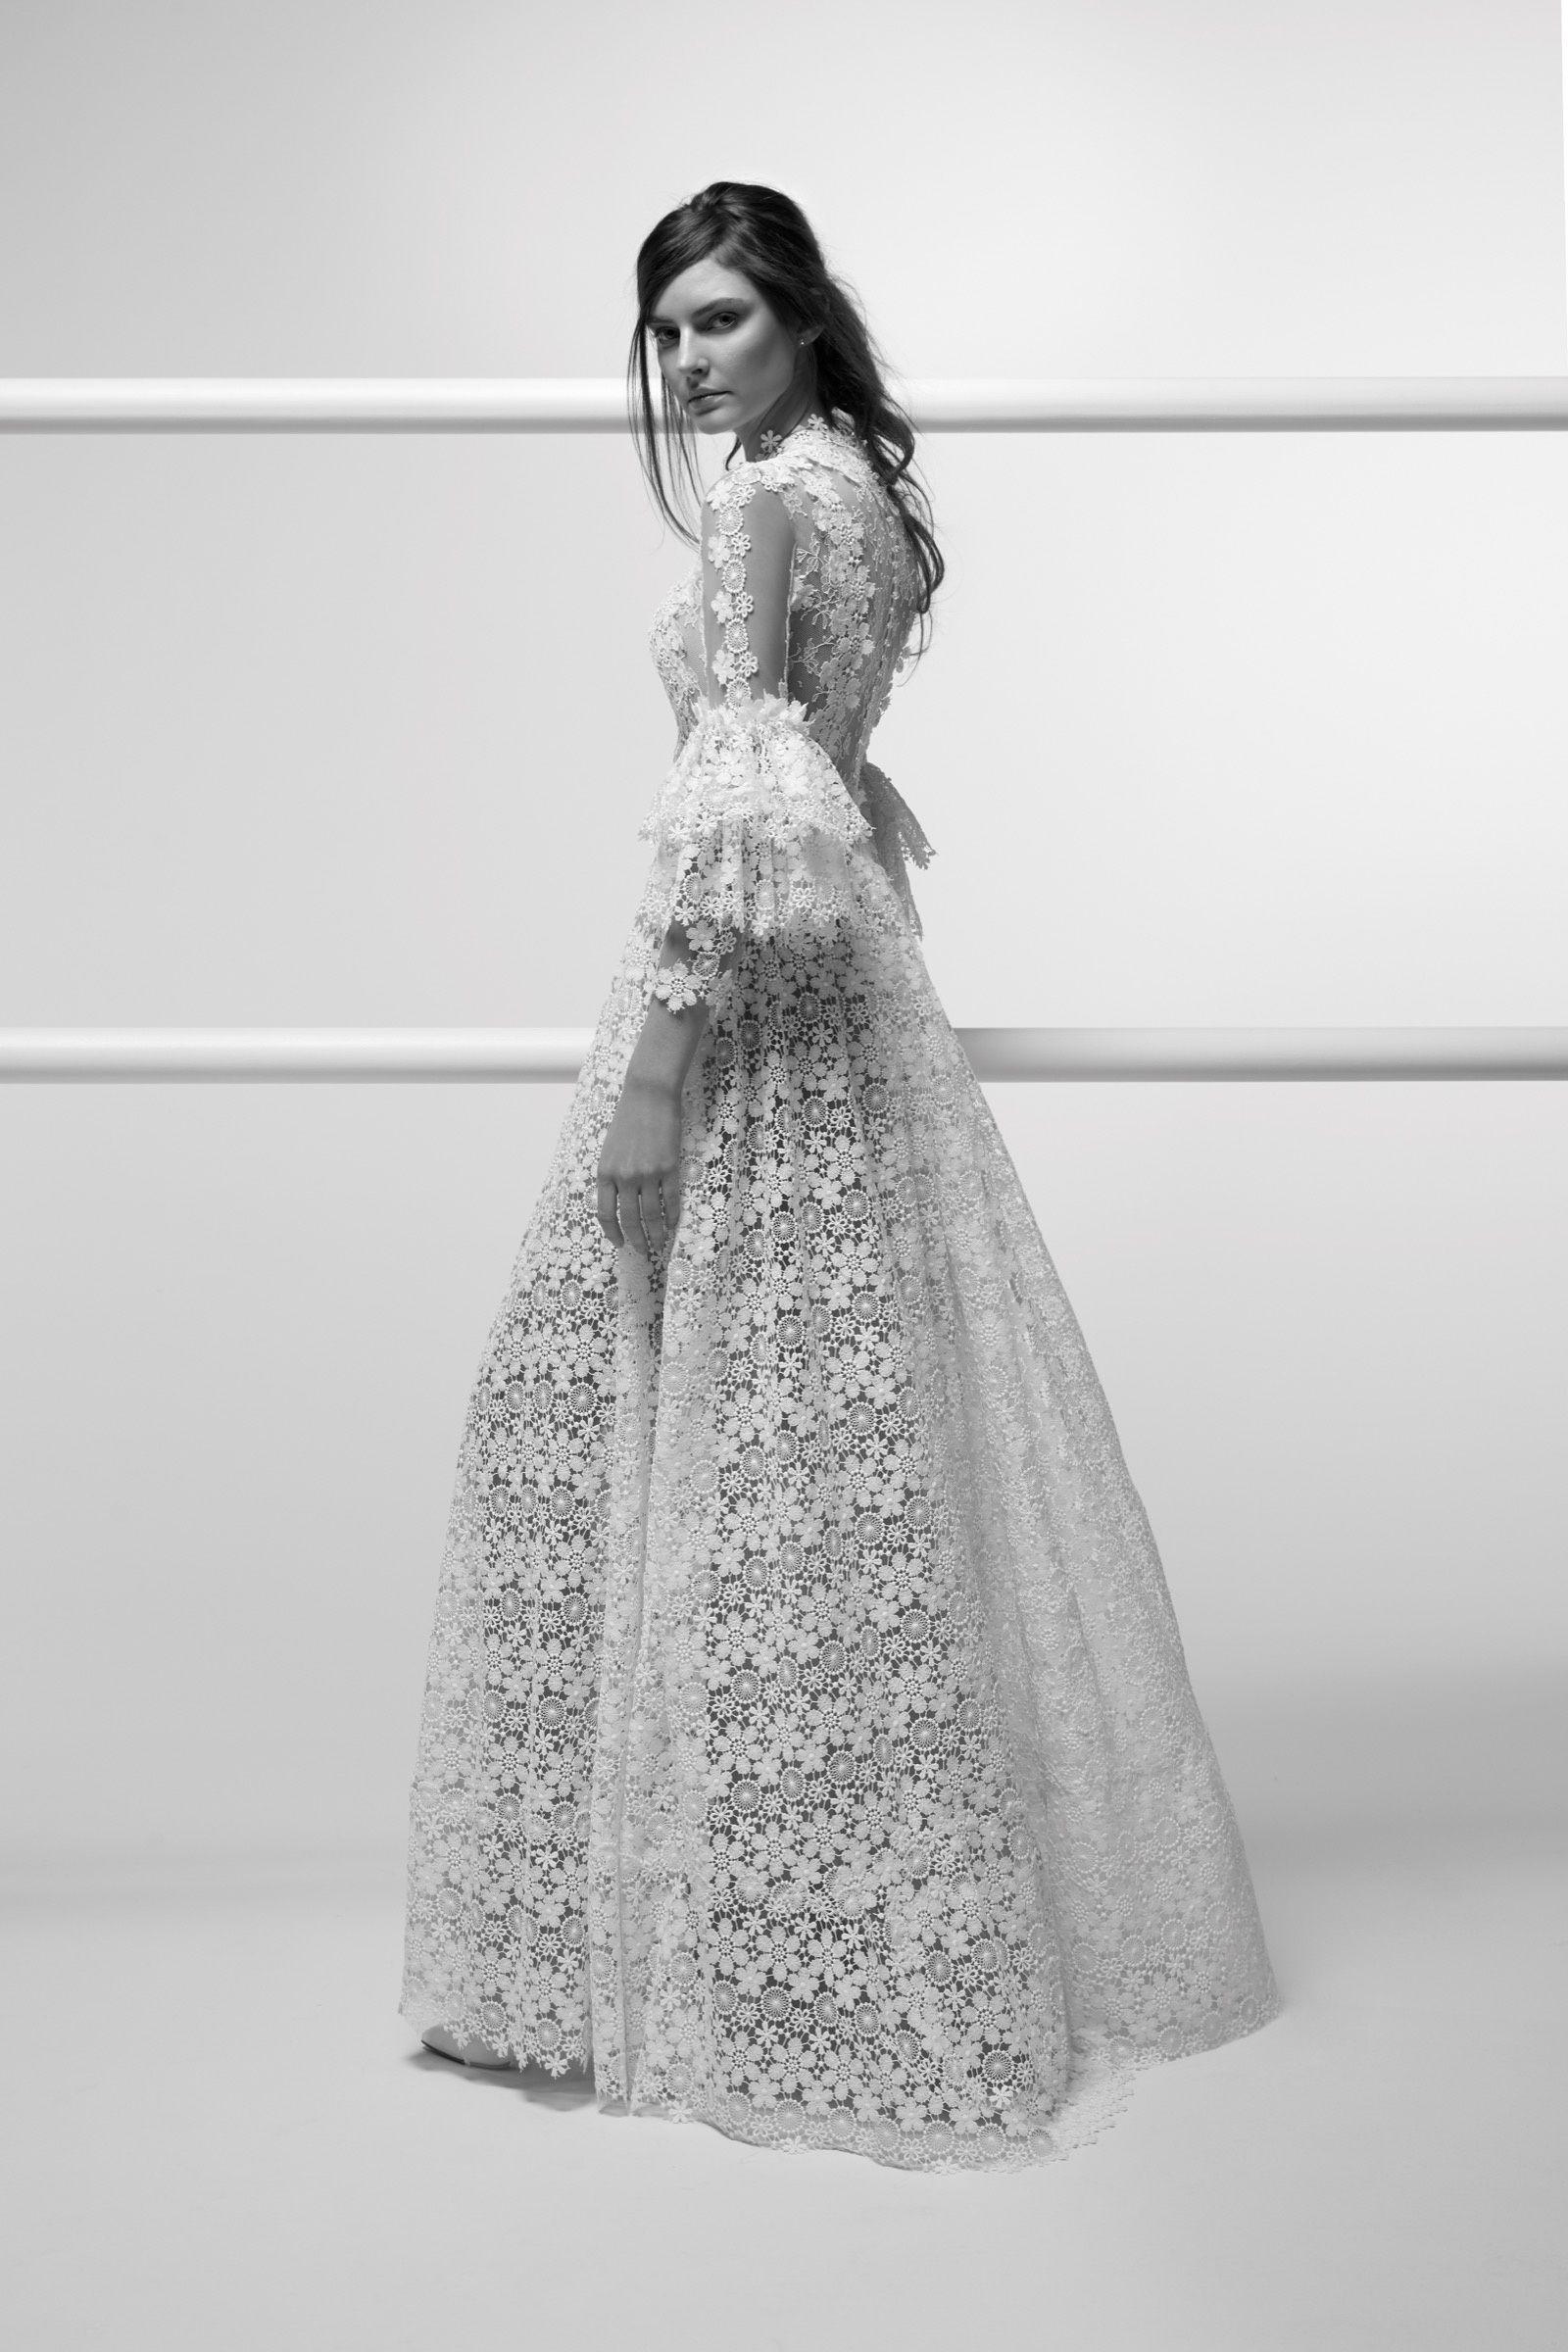 Moda sposa 2019 - Collezione ALESSANDRARINAUDO. ALLEGRA 209ARAB19755. Abito  da sposa Nicole. 7ce8effc185